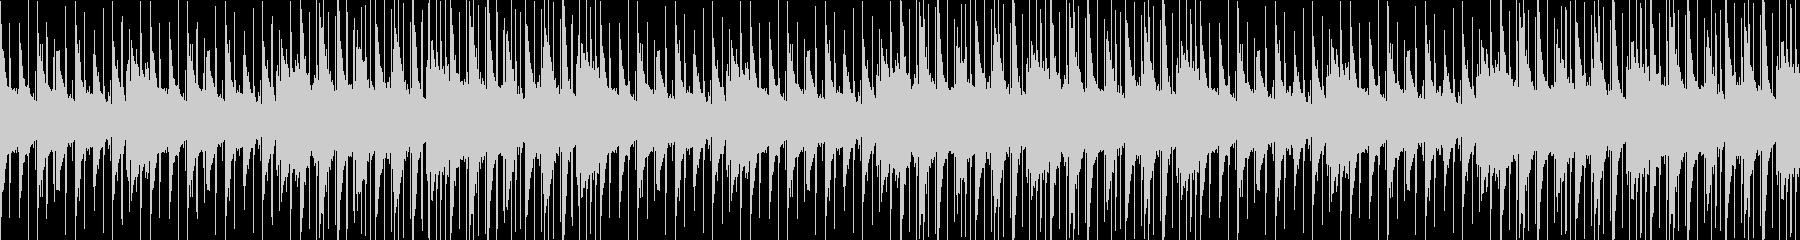 チルアウト、おしゃれ、ヒップホップの未再生の波形